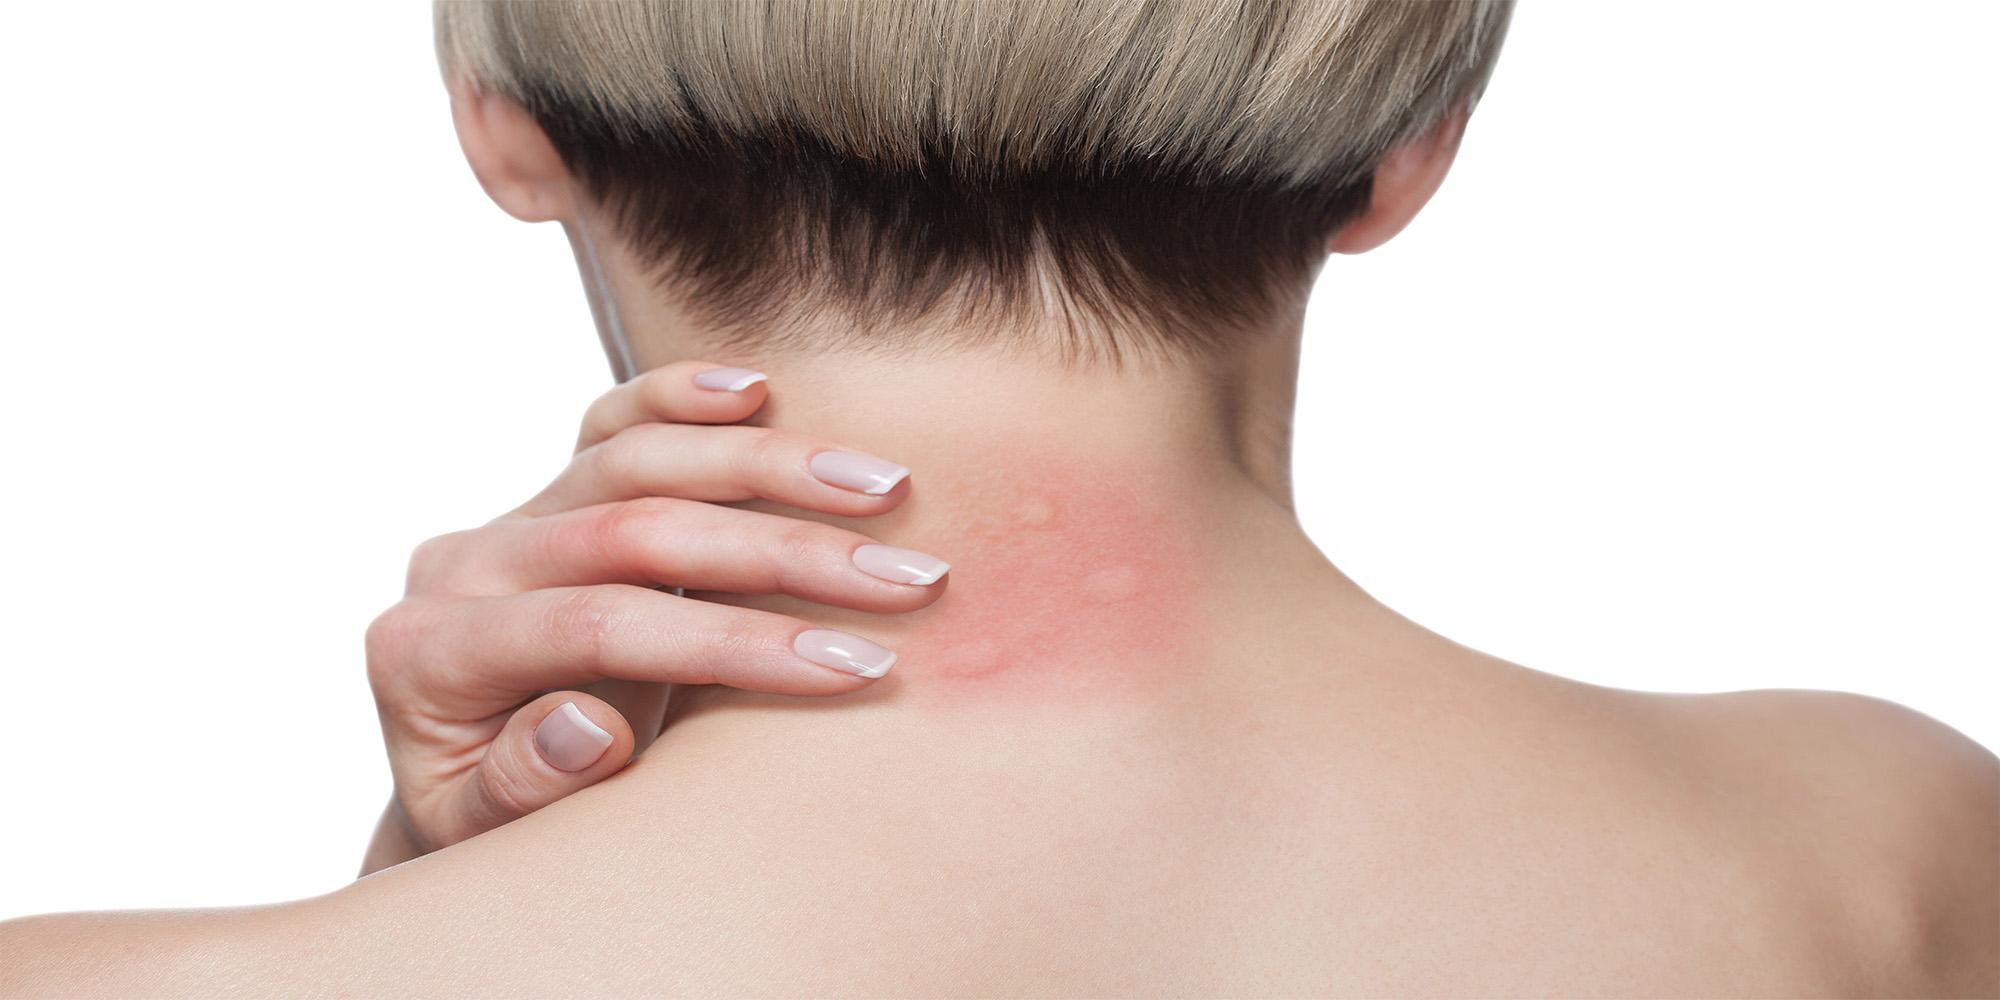 Picaduras de insecto: Tratamiento antiséptico